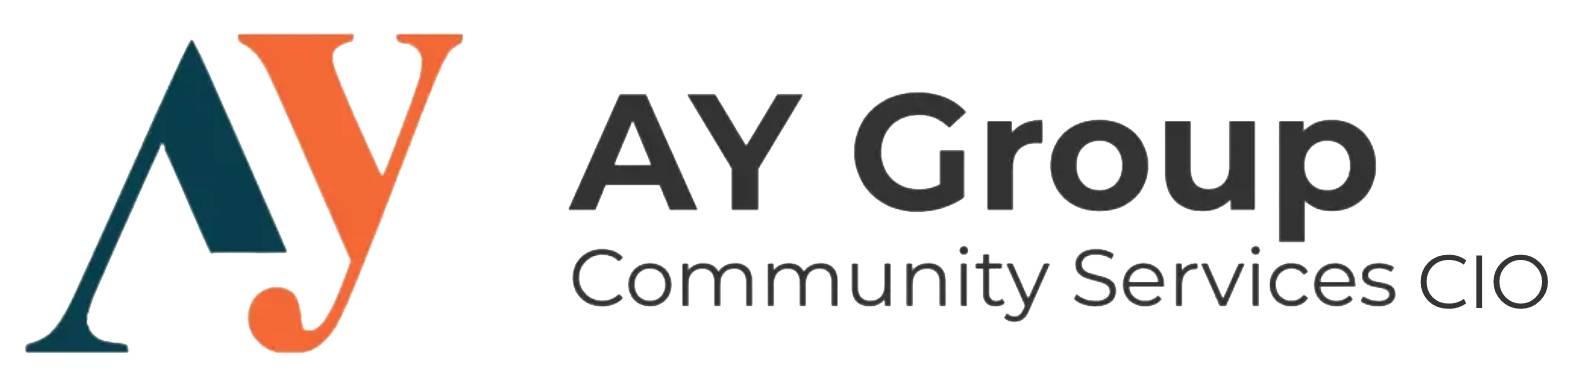 AY Group